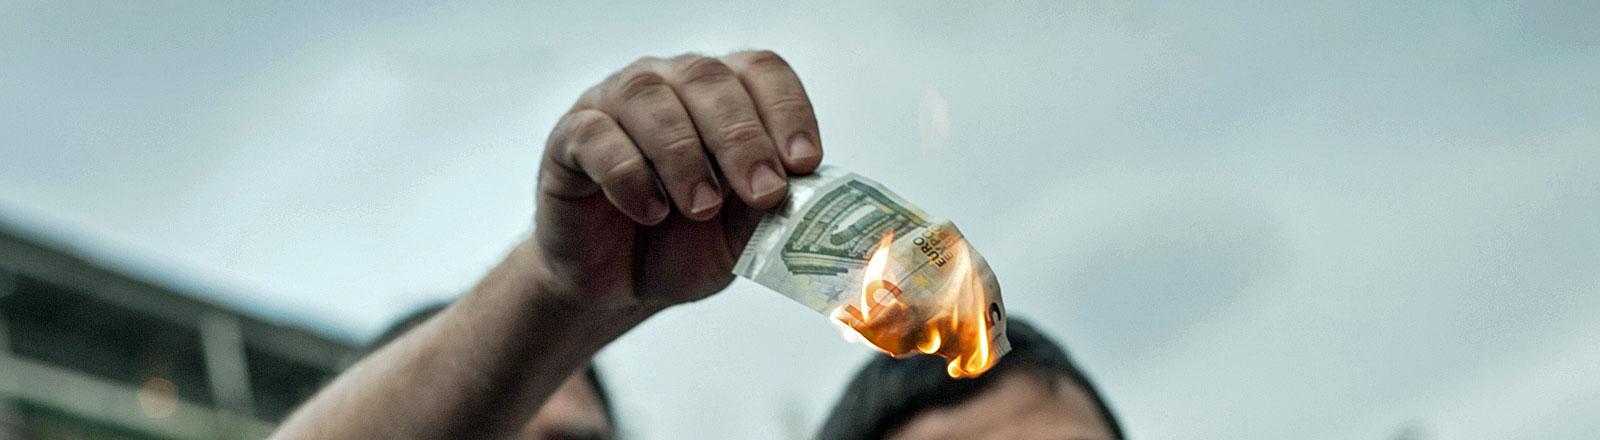 Zwei Euro-Gegner verbrennen 5€-Scheine in Athen